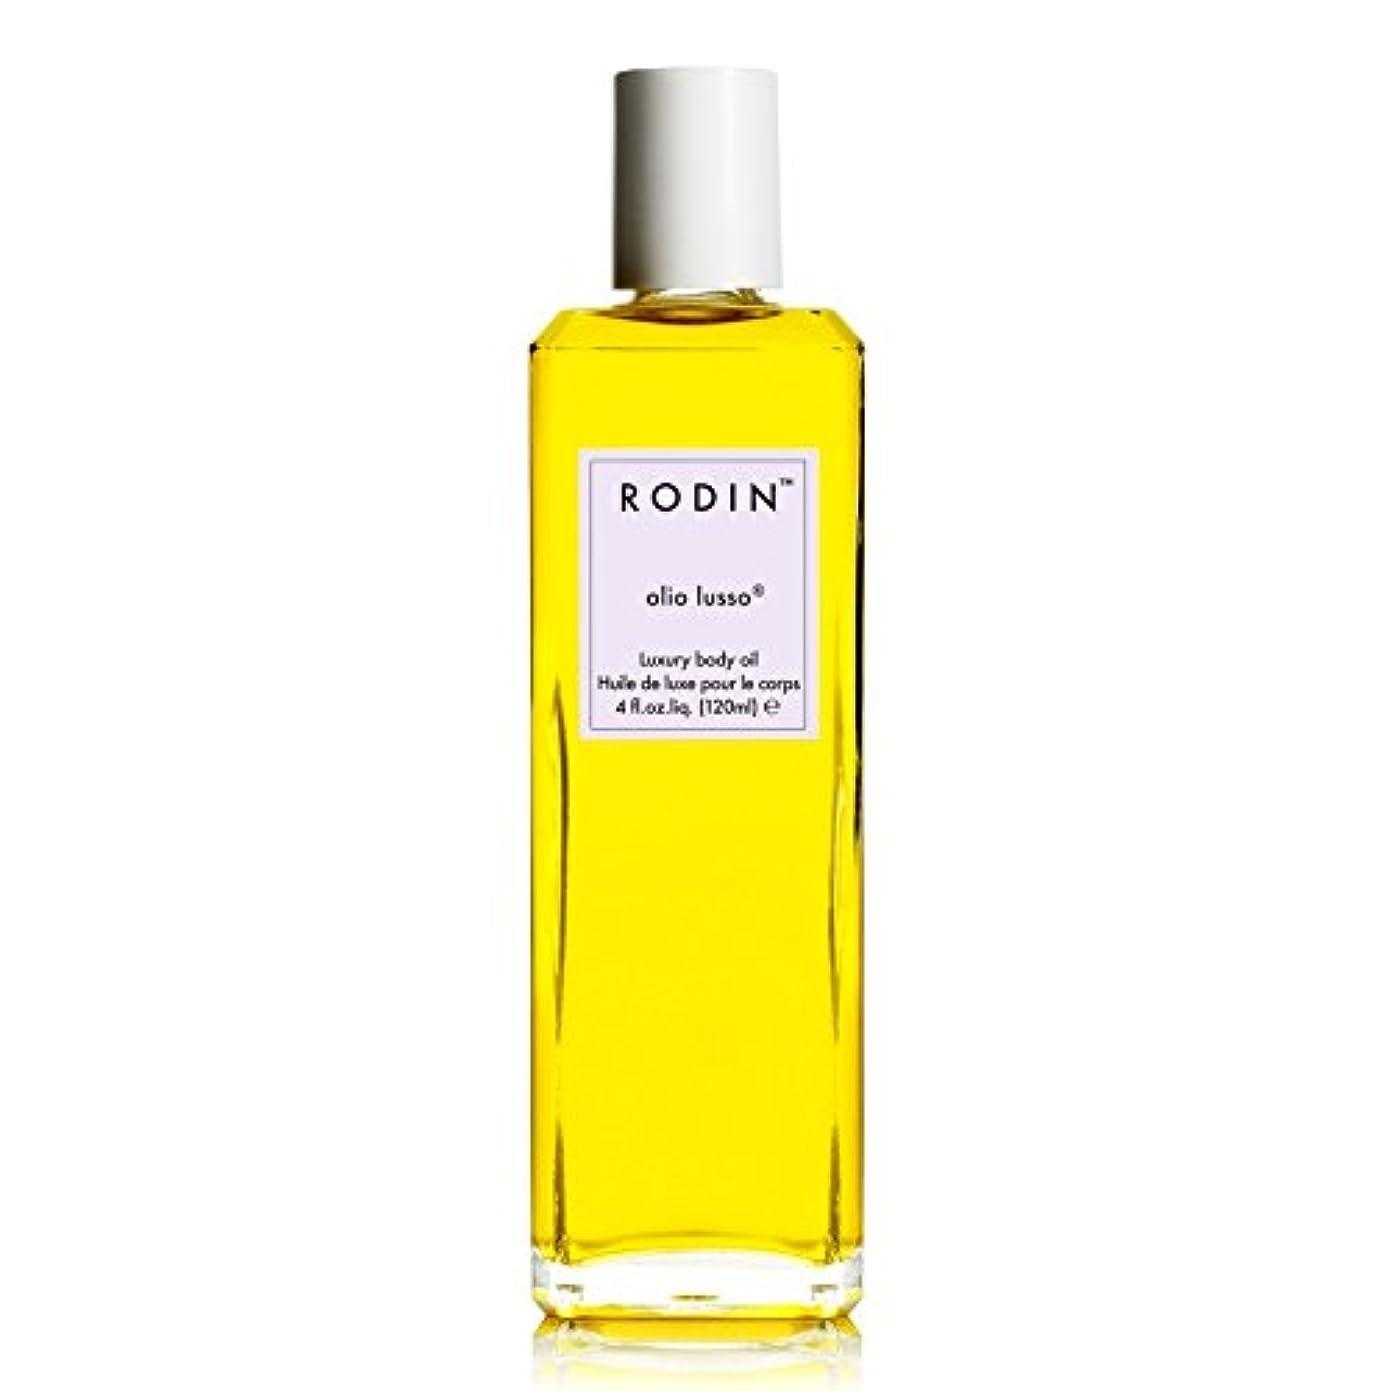 道姪懸念ロダンルッソラベンダー絶対贅沢なボディオイル30ミリリットル x4 - RODIN olio lusso Lavender Absolute Luxury Body Oil 30ml (Pack of 4) [並行輸入品]